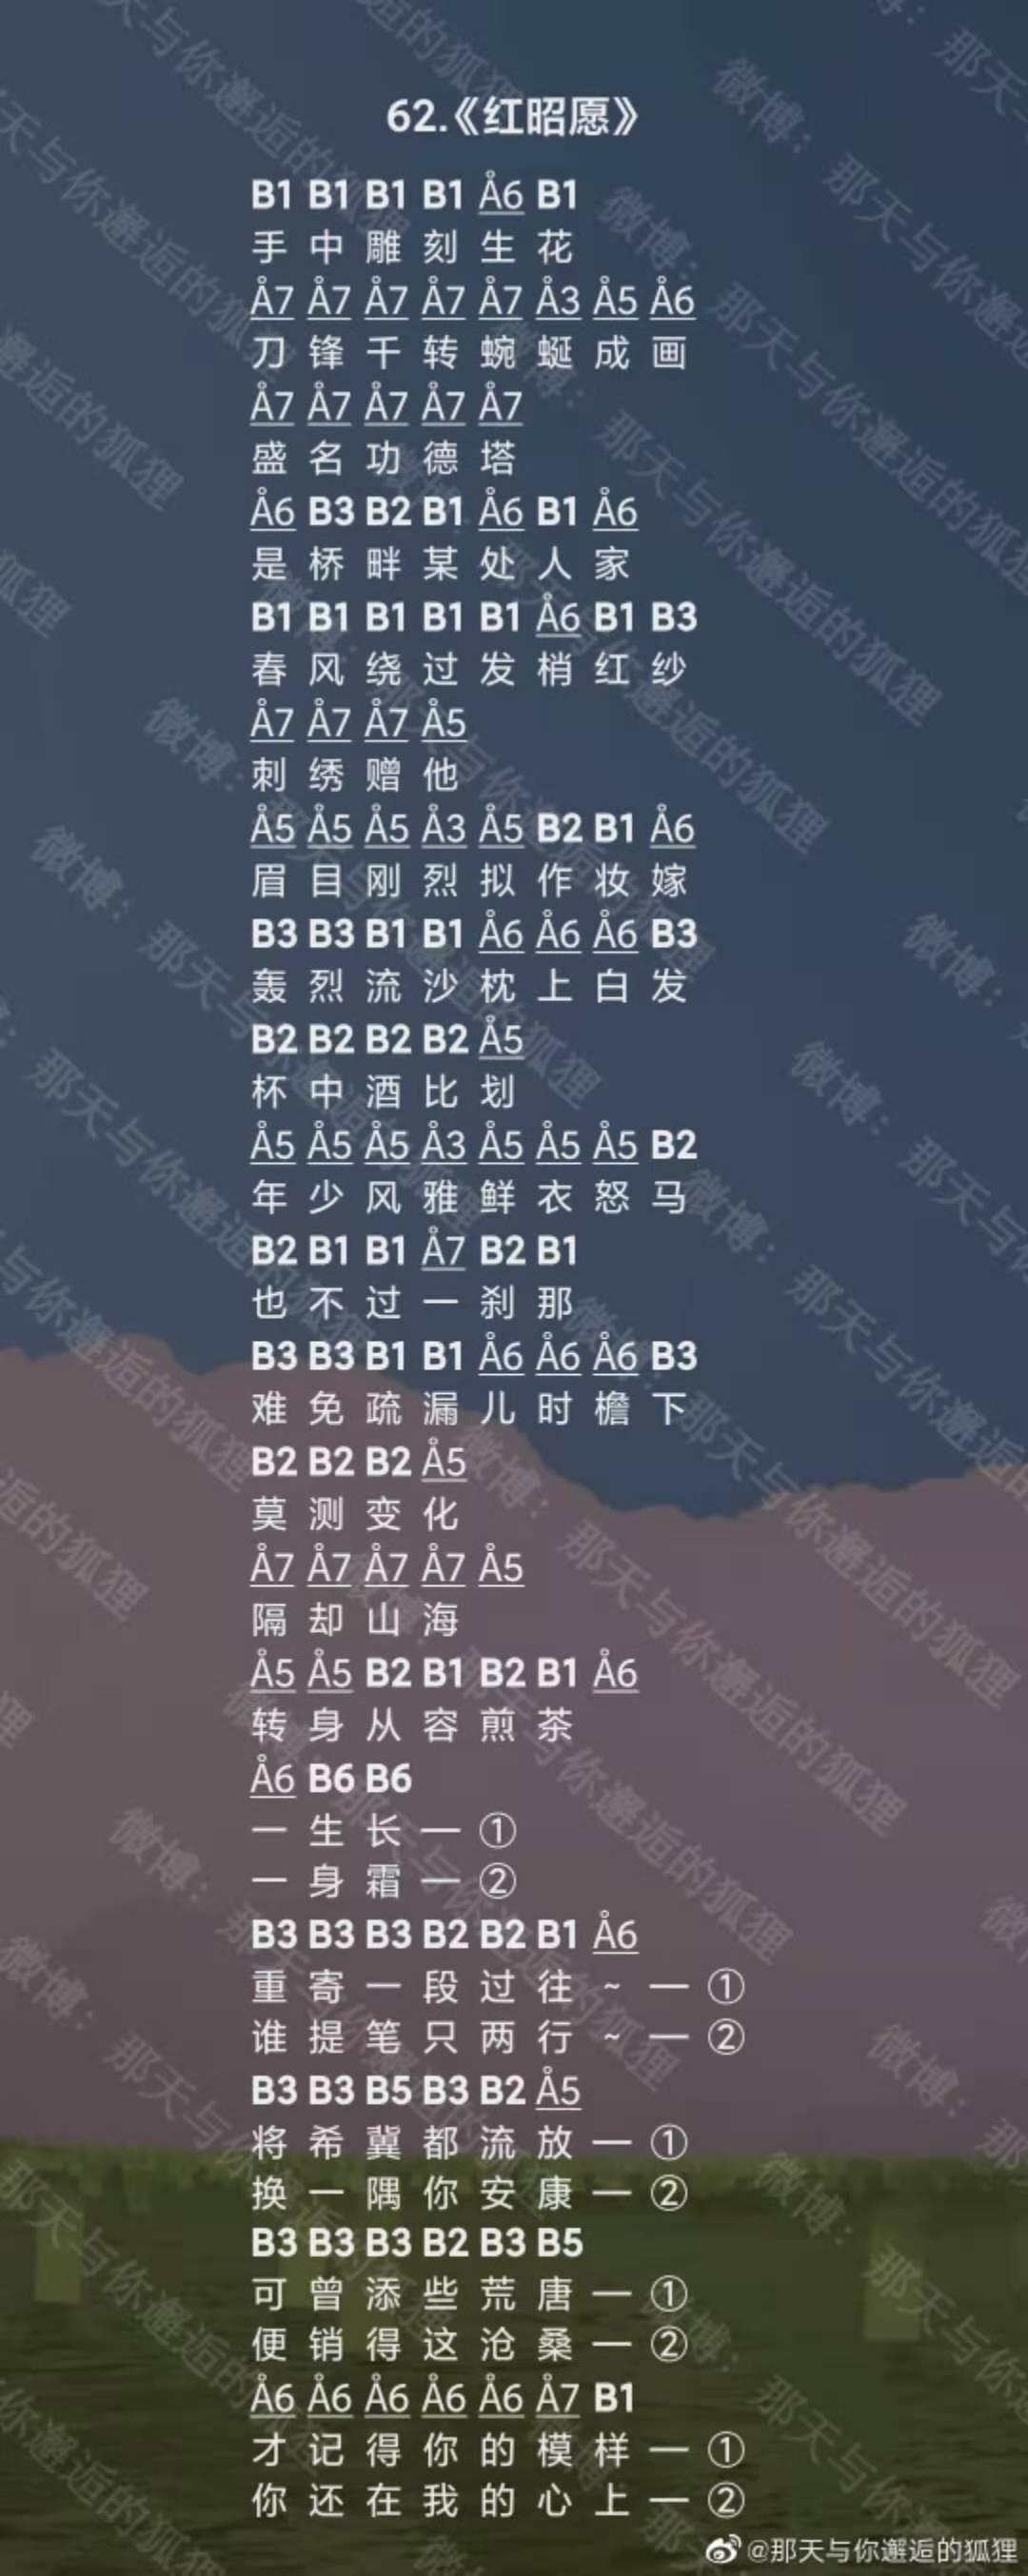 原神红昭愿琴谱分享,红昭愿怎么弹?